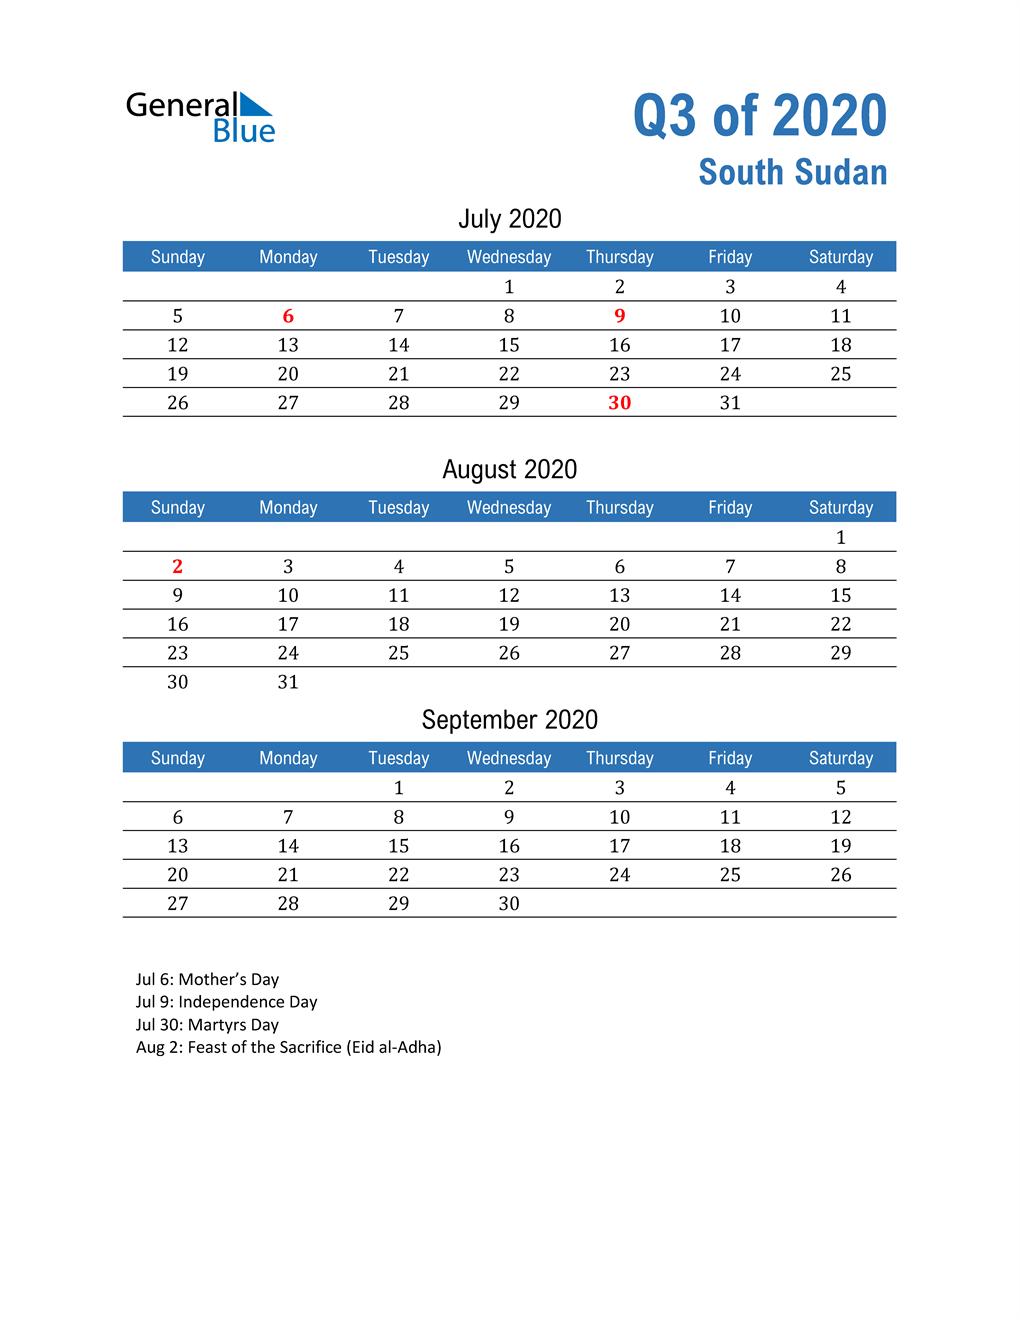 South Sudan 2020 Quarterly Calendar